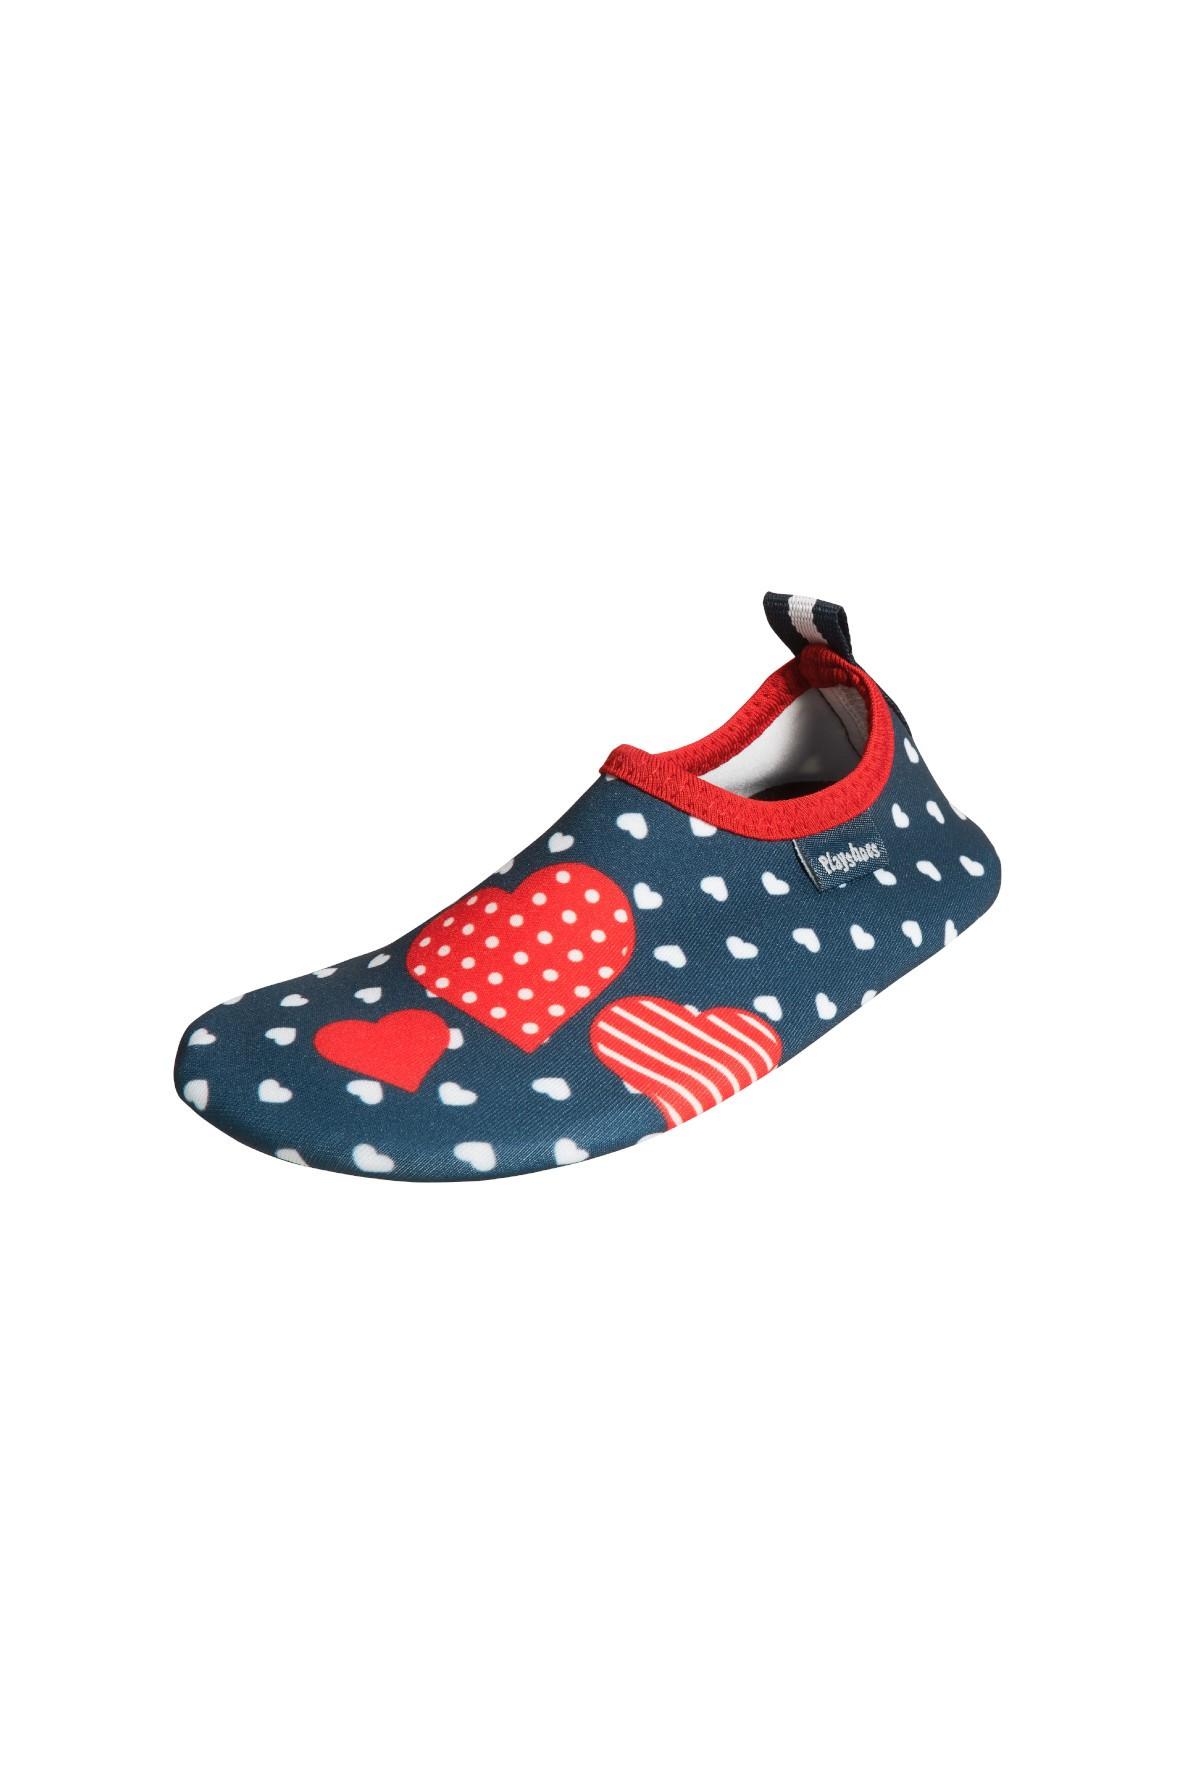 Buty kąpielowe dla dziewczynki z filtrem UV50+